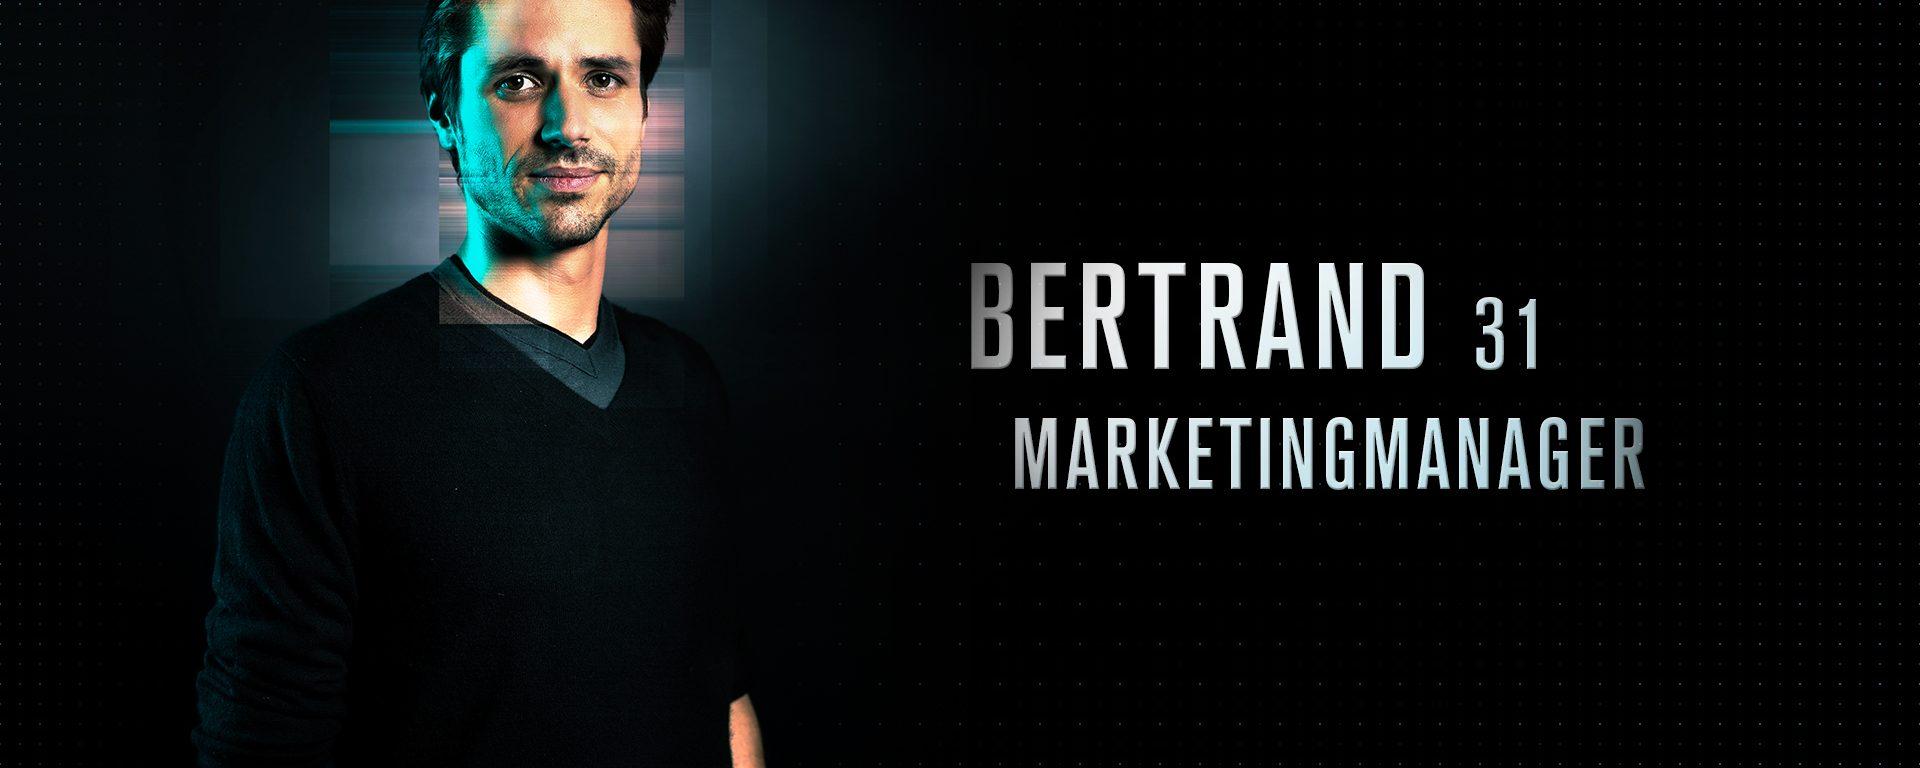 BERTRAND-met-tekst